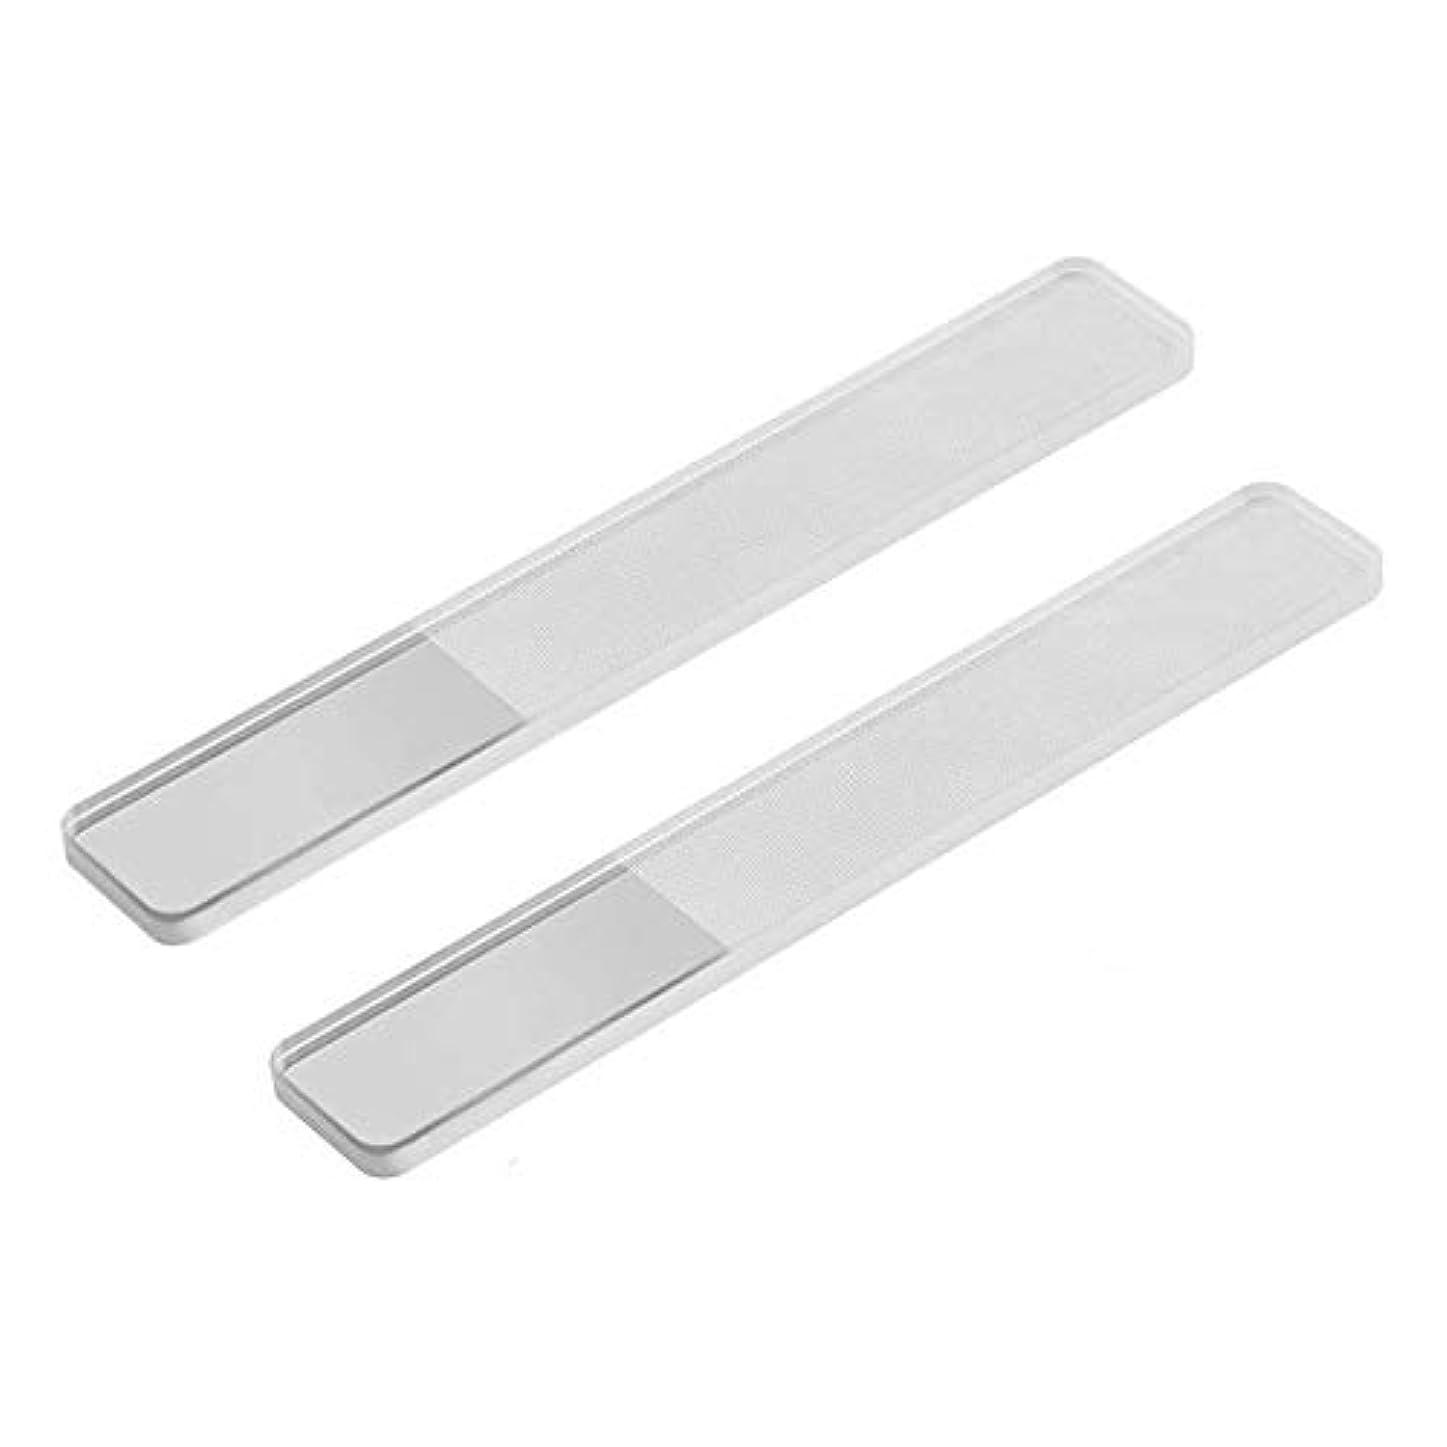 ポットロール知覚する2セット爪やすりピカピカ ネイルケア ネイルシャイナー ガラス 爪磨き 携帯便利 持続性甘皮処理収納